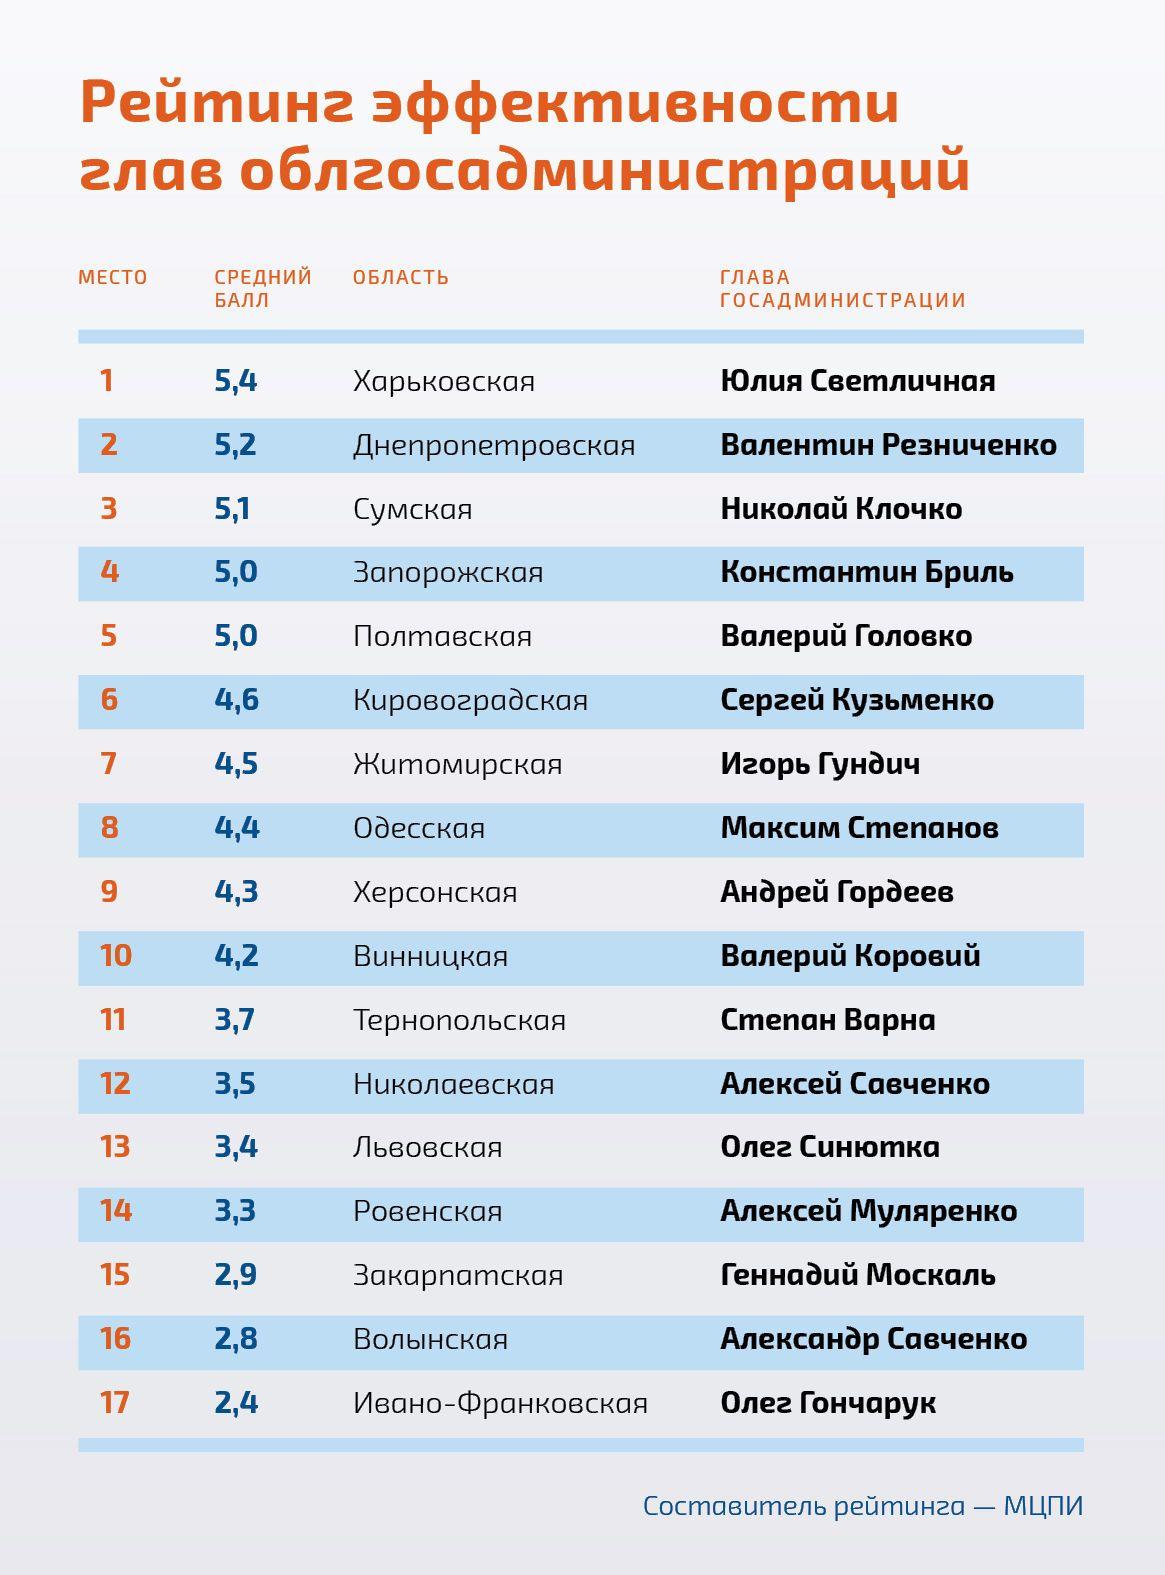 Юлия Светличная и Валентин Резниченко_рейтинг_реклама